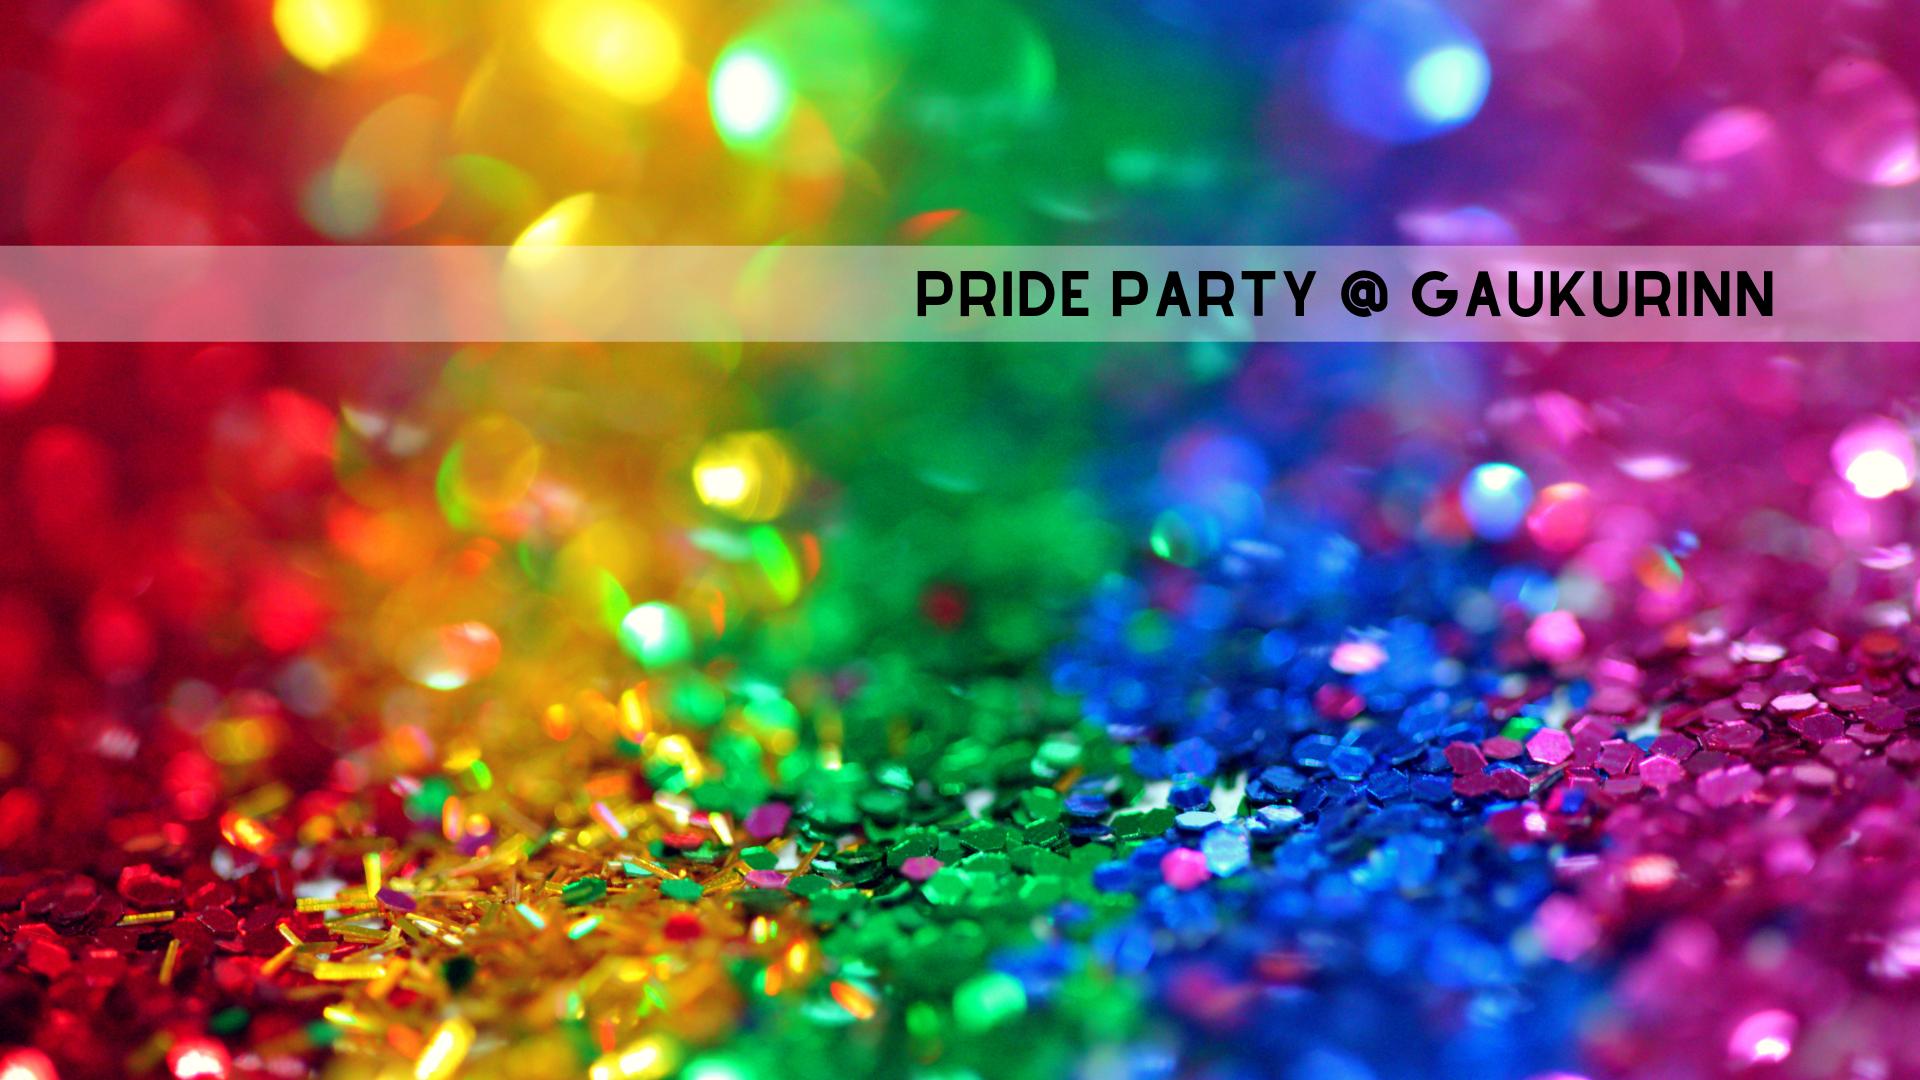 Pride Party at Gaukurinn